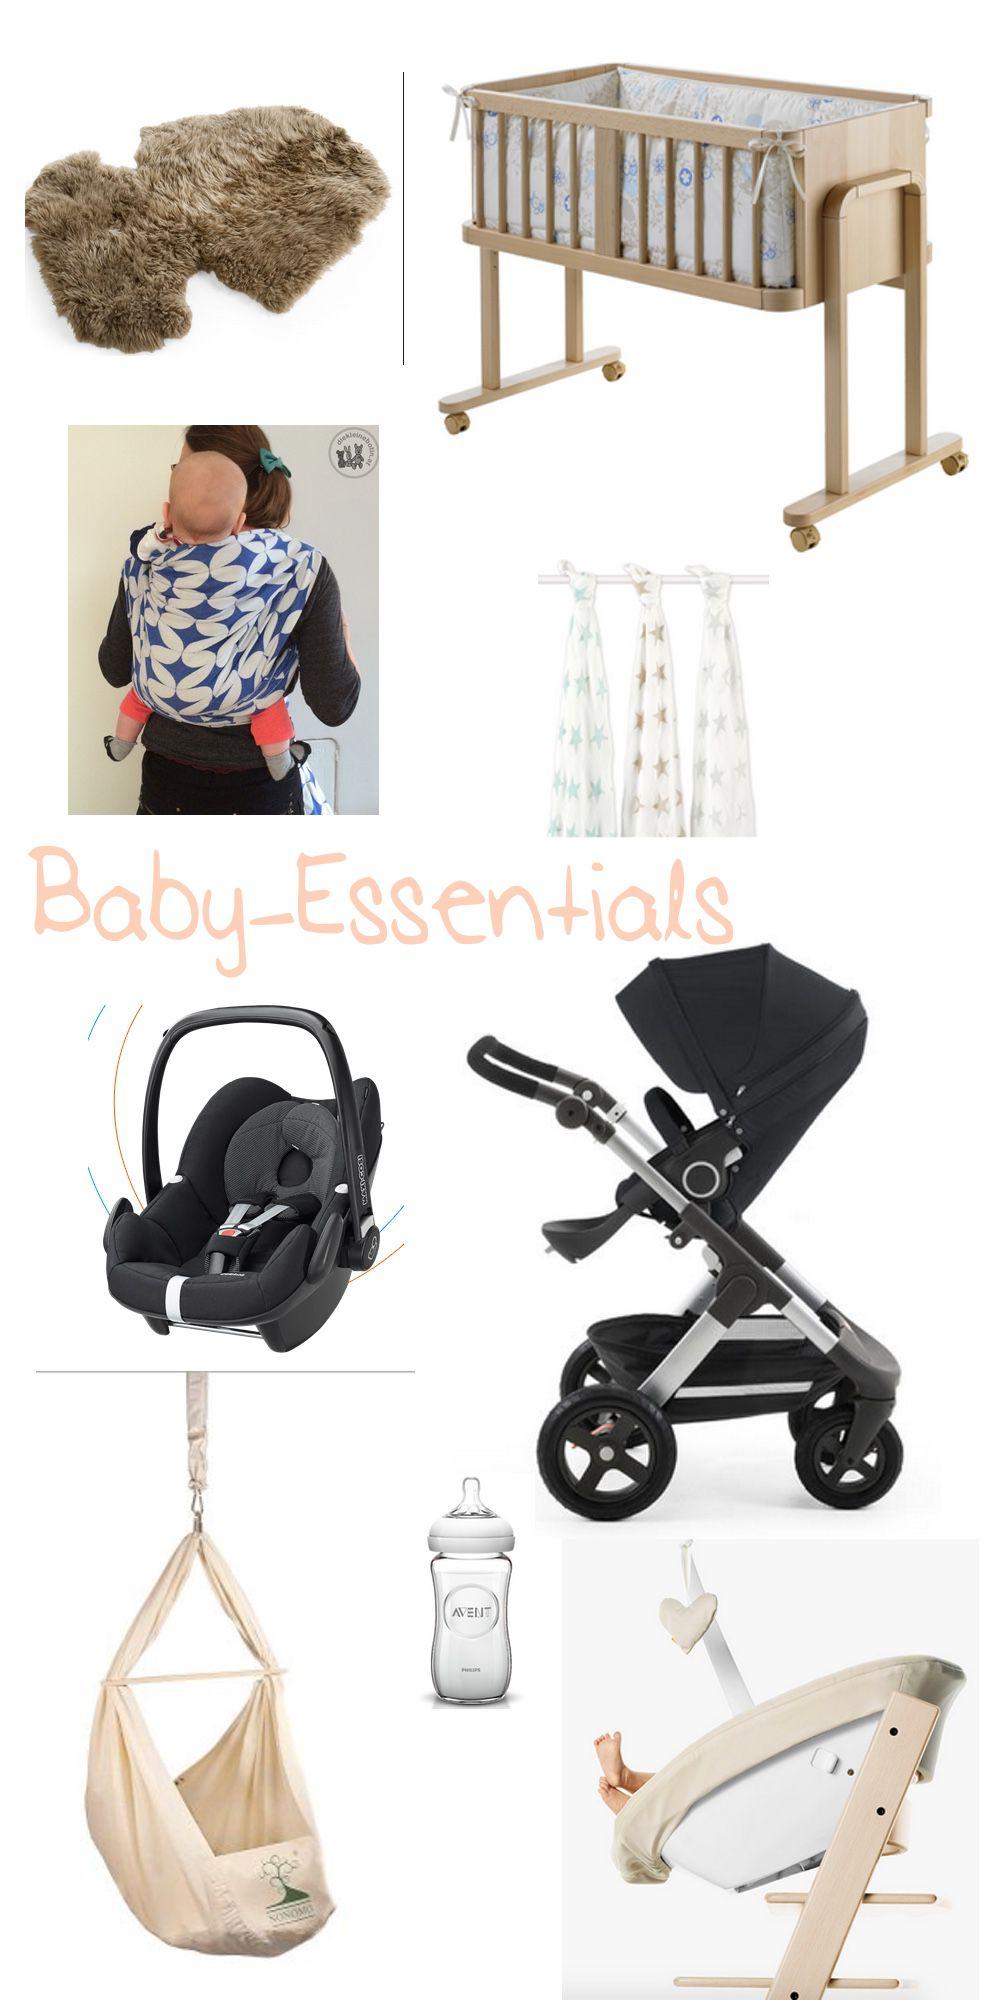 baby-essentials-die kleine botin